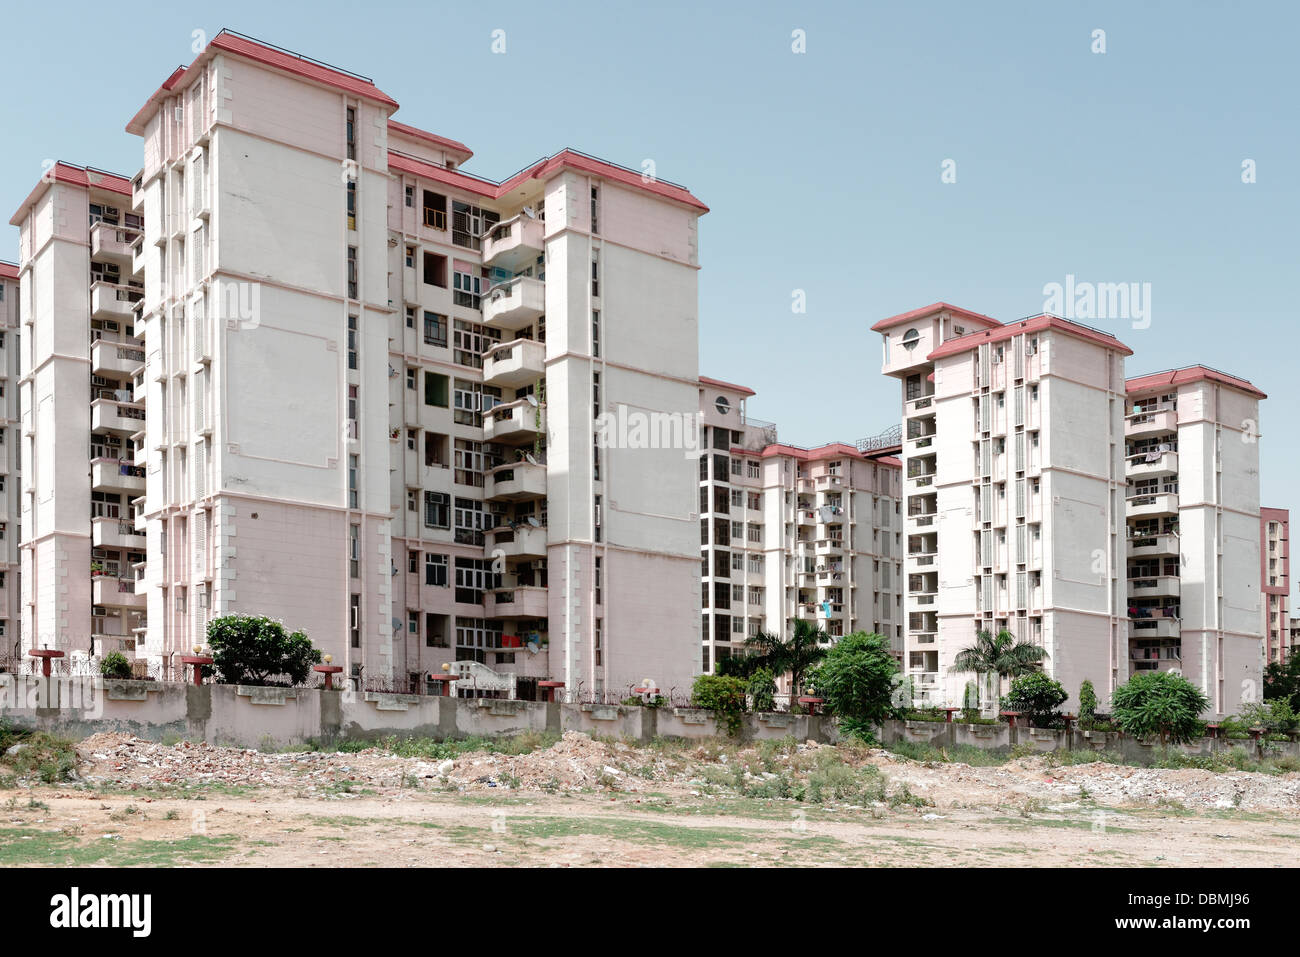 Condominio moderno sviluppo di alloggiamento di espansione Gurgaon, settore 55 Immagini Stock